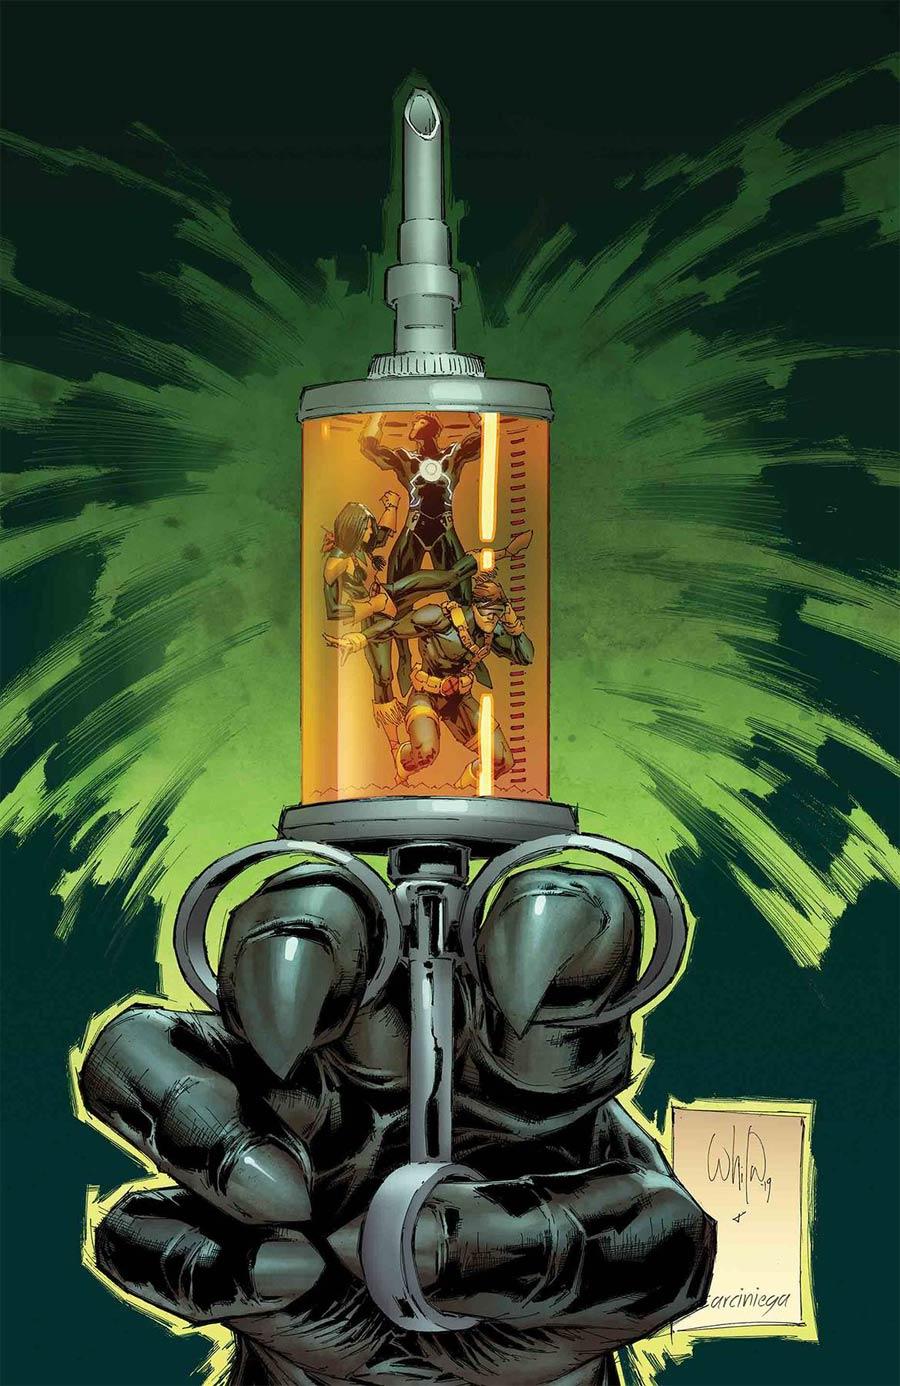 Uncanny X-Men Vol 5 #20